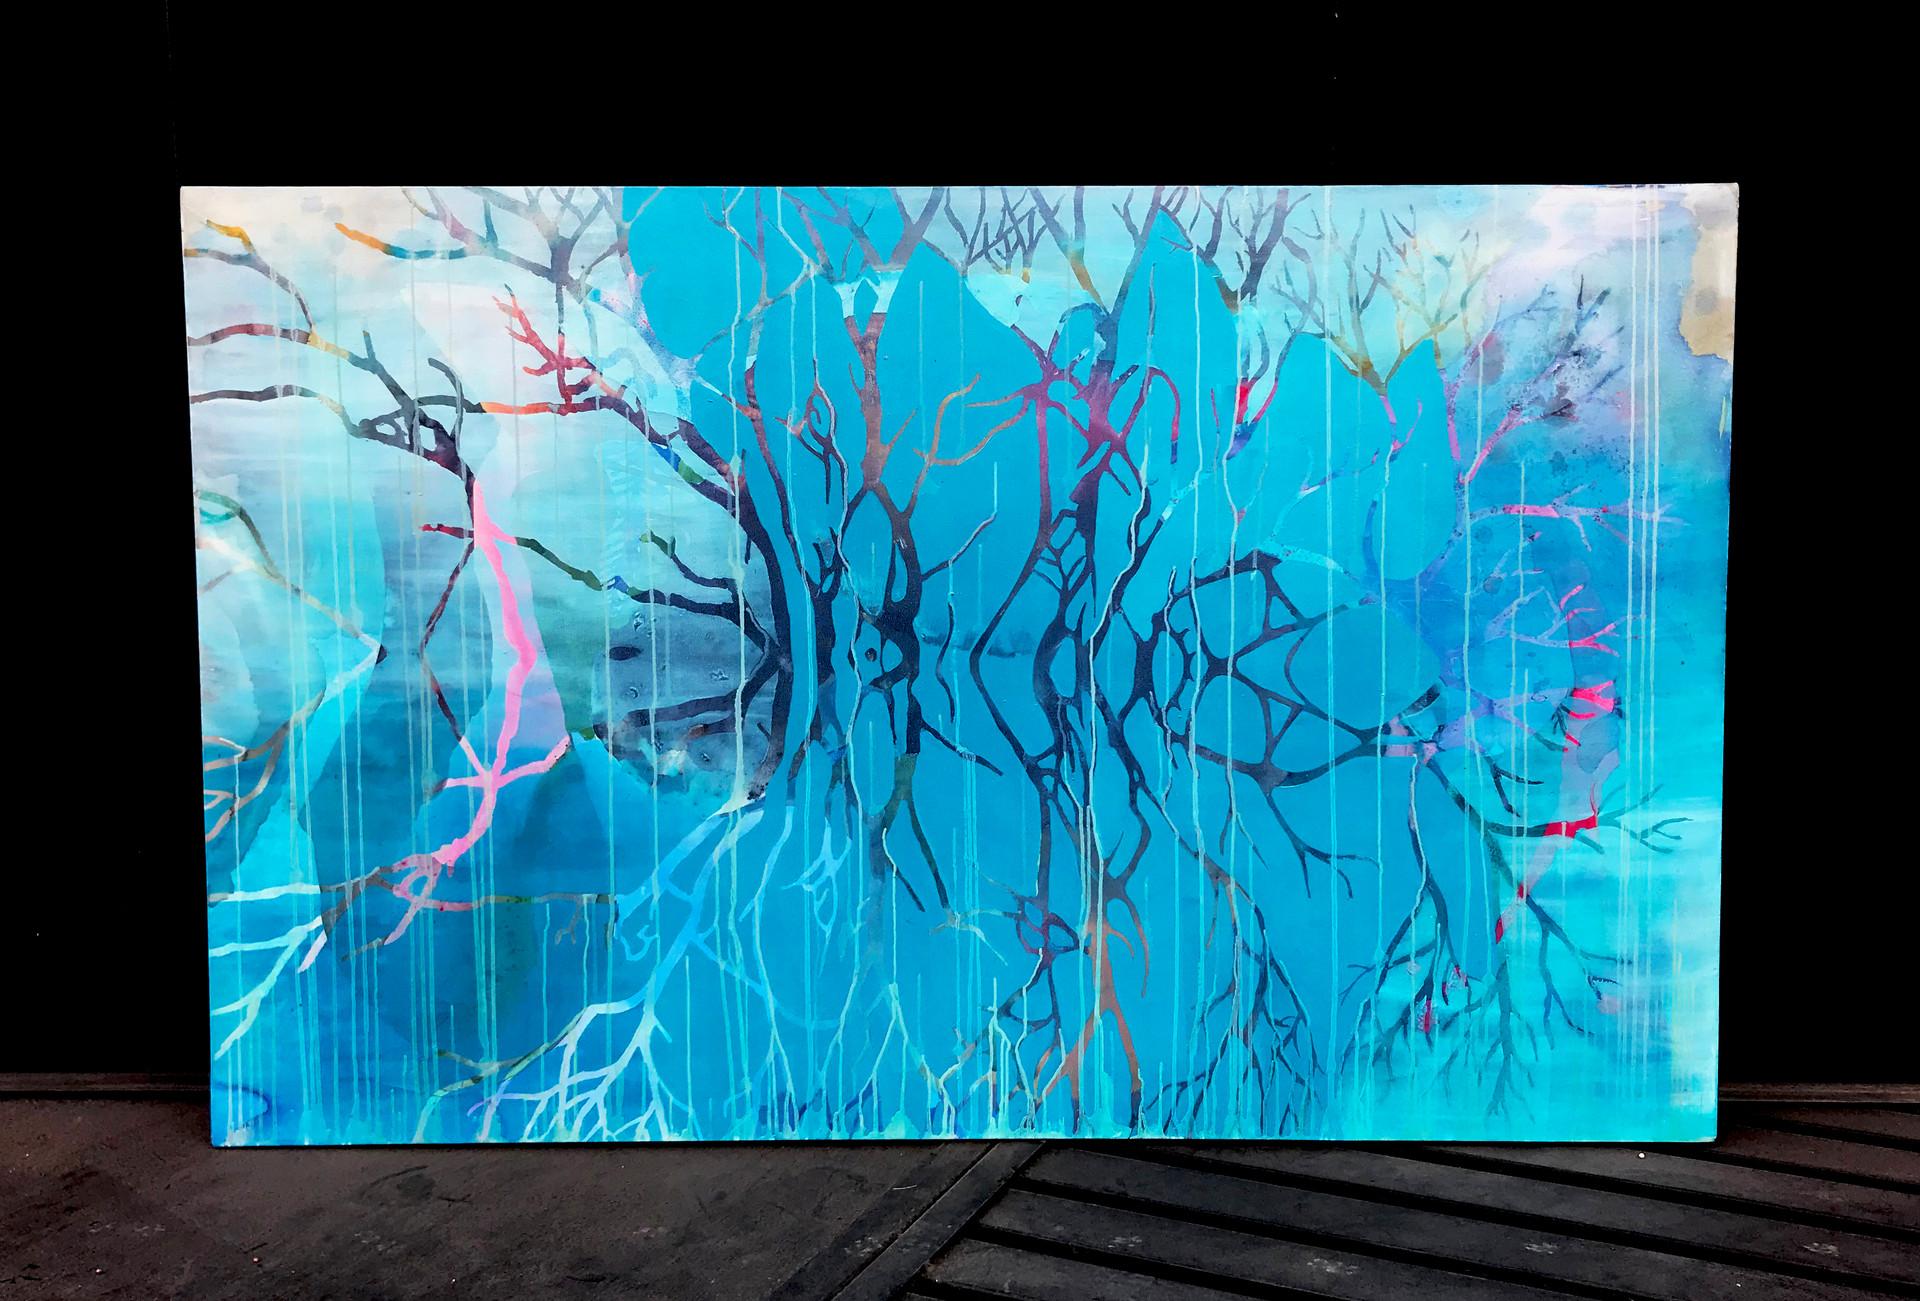 Acrílico y óleo sobre tela, 100 x 160 cm. 2018